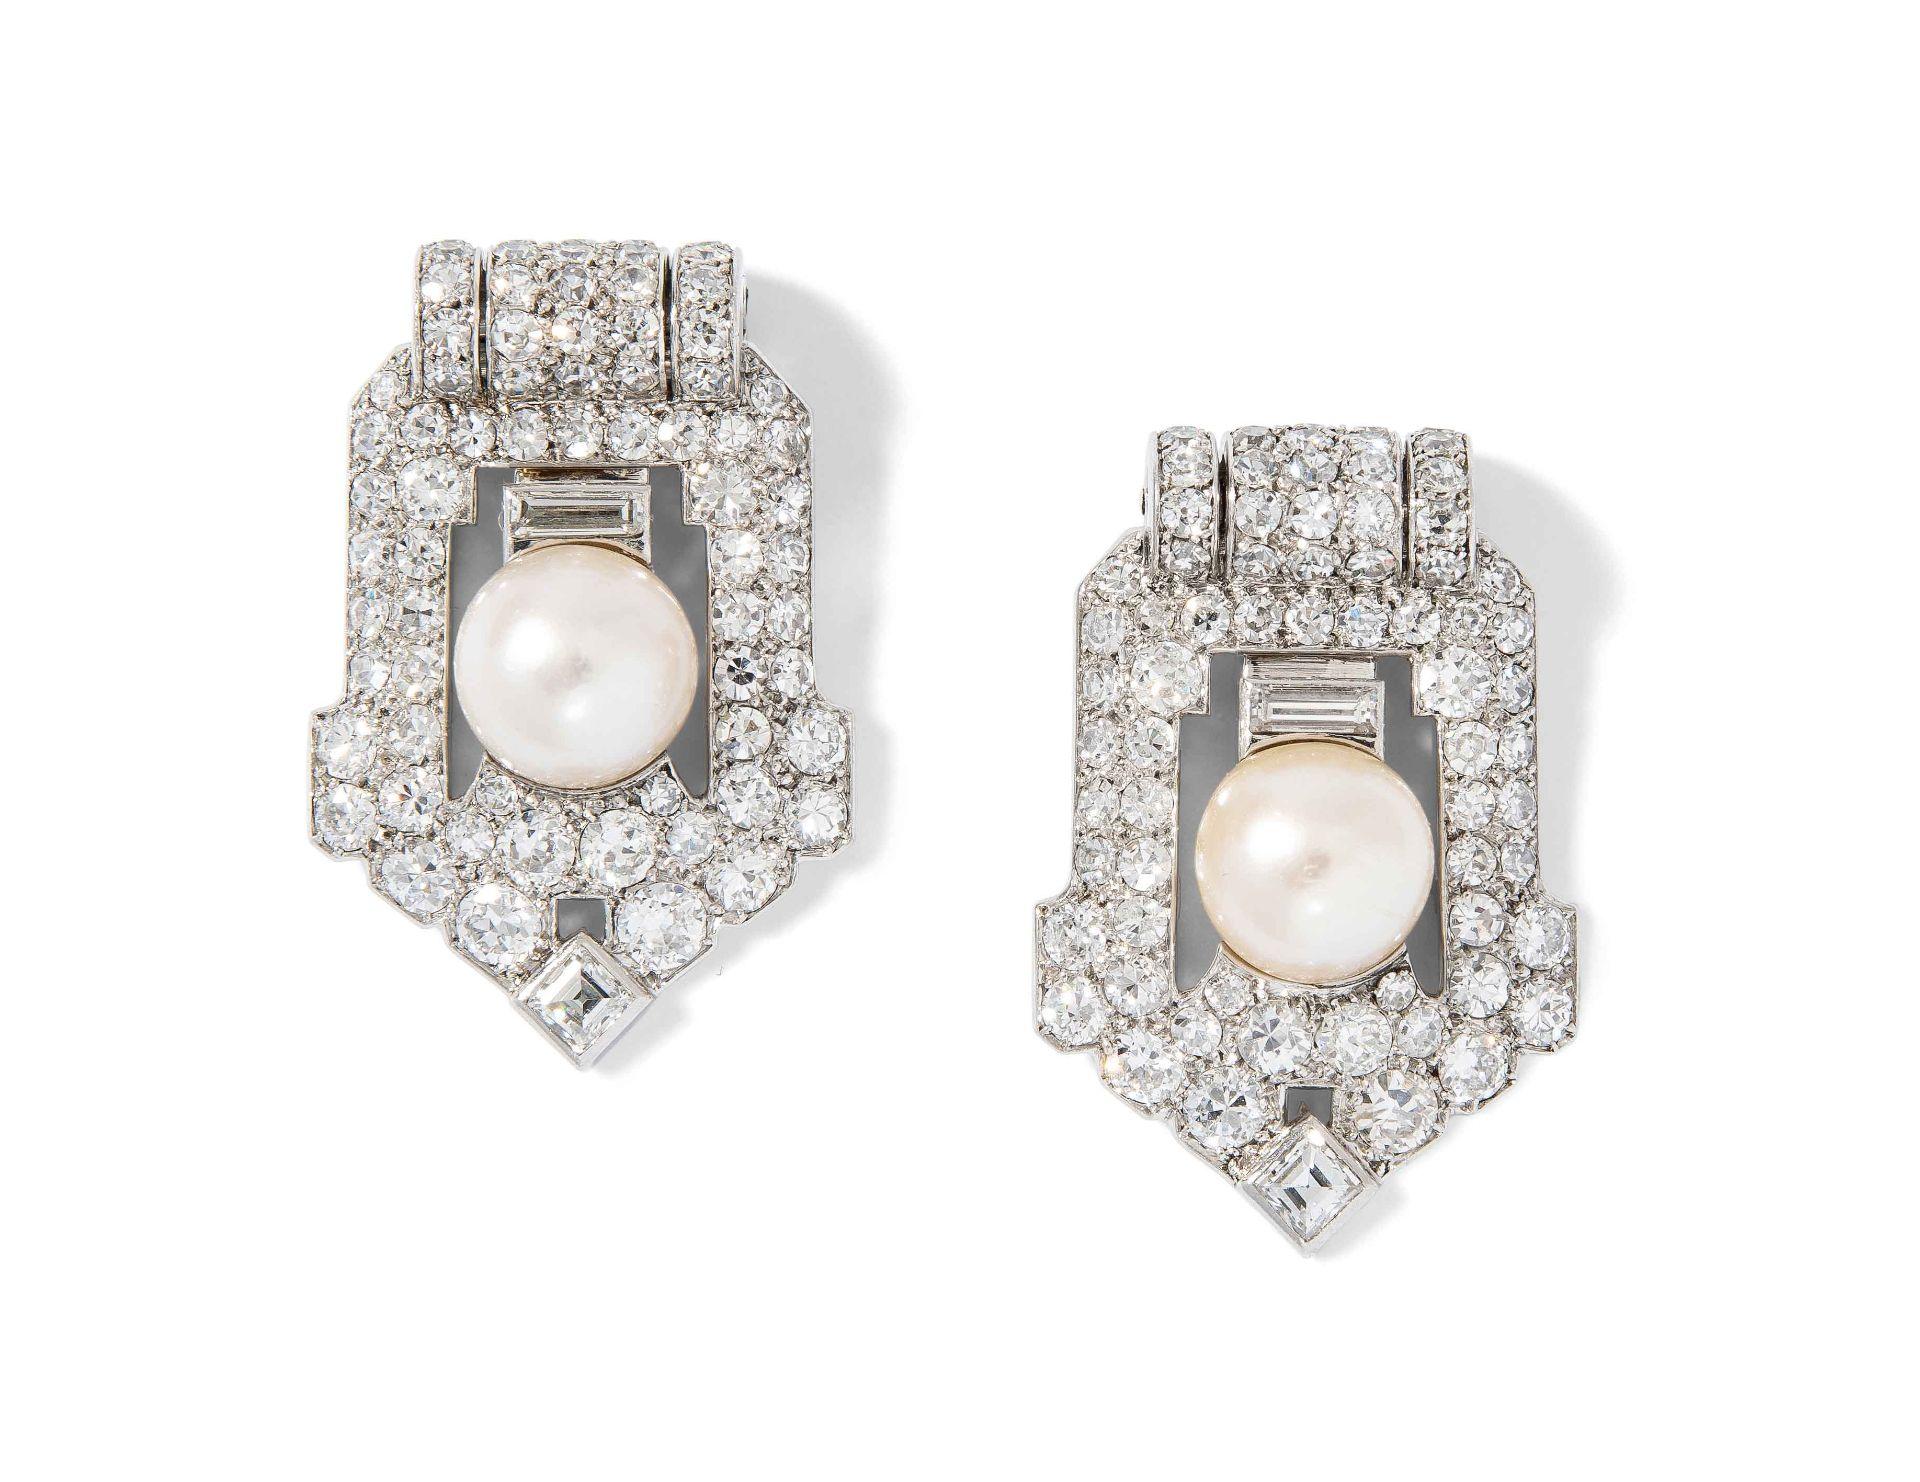 Cartier Diamant-Perlen-Dress-Clips